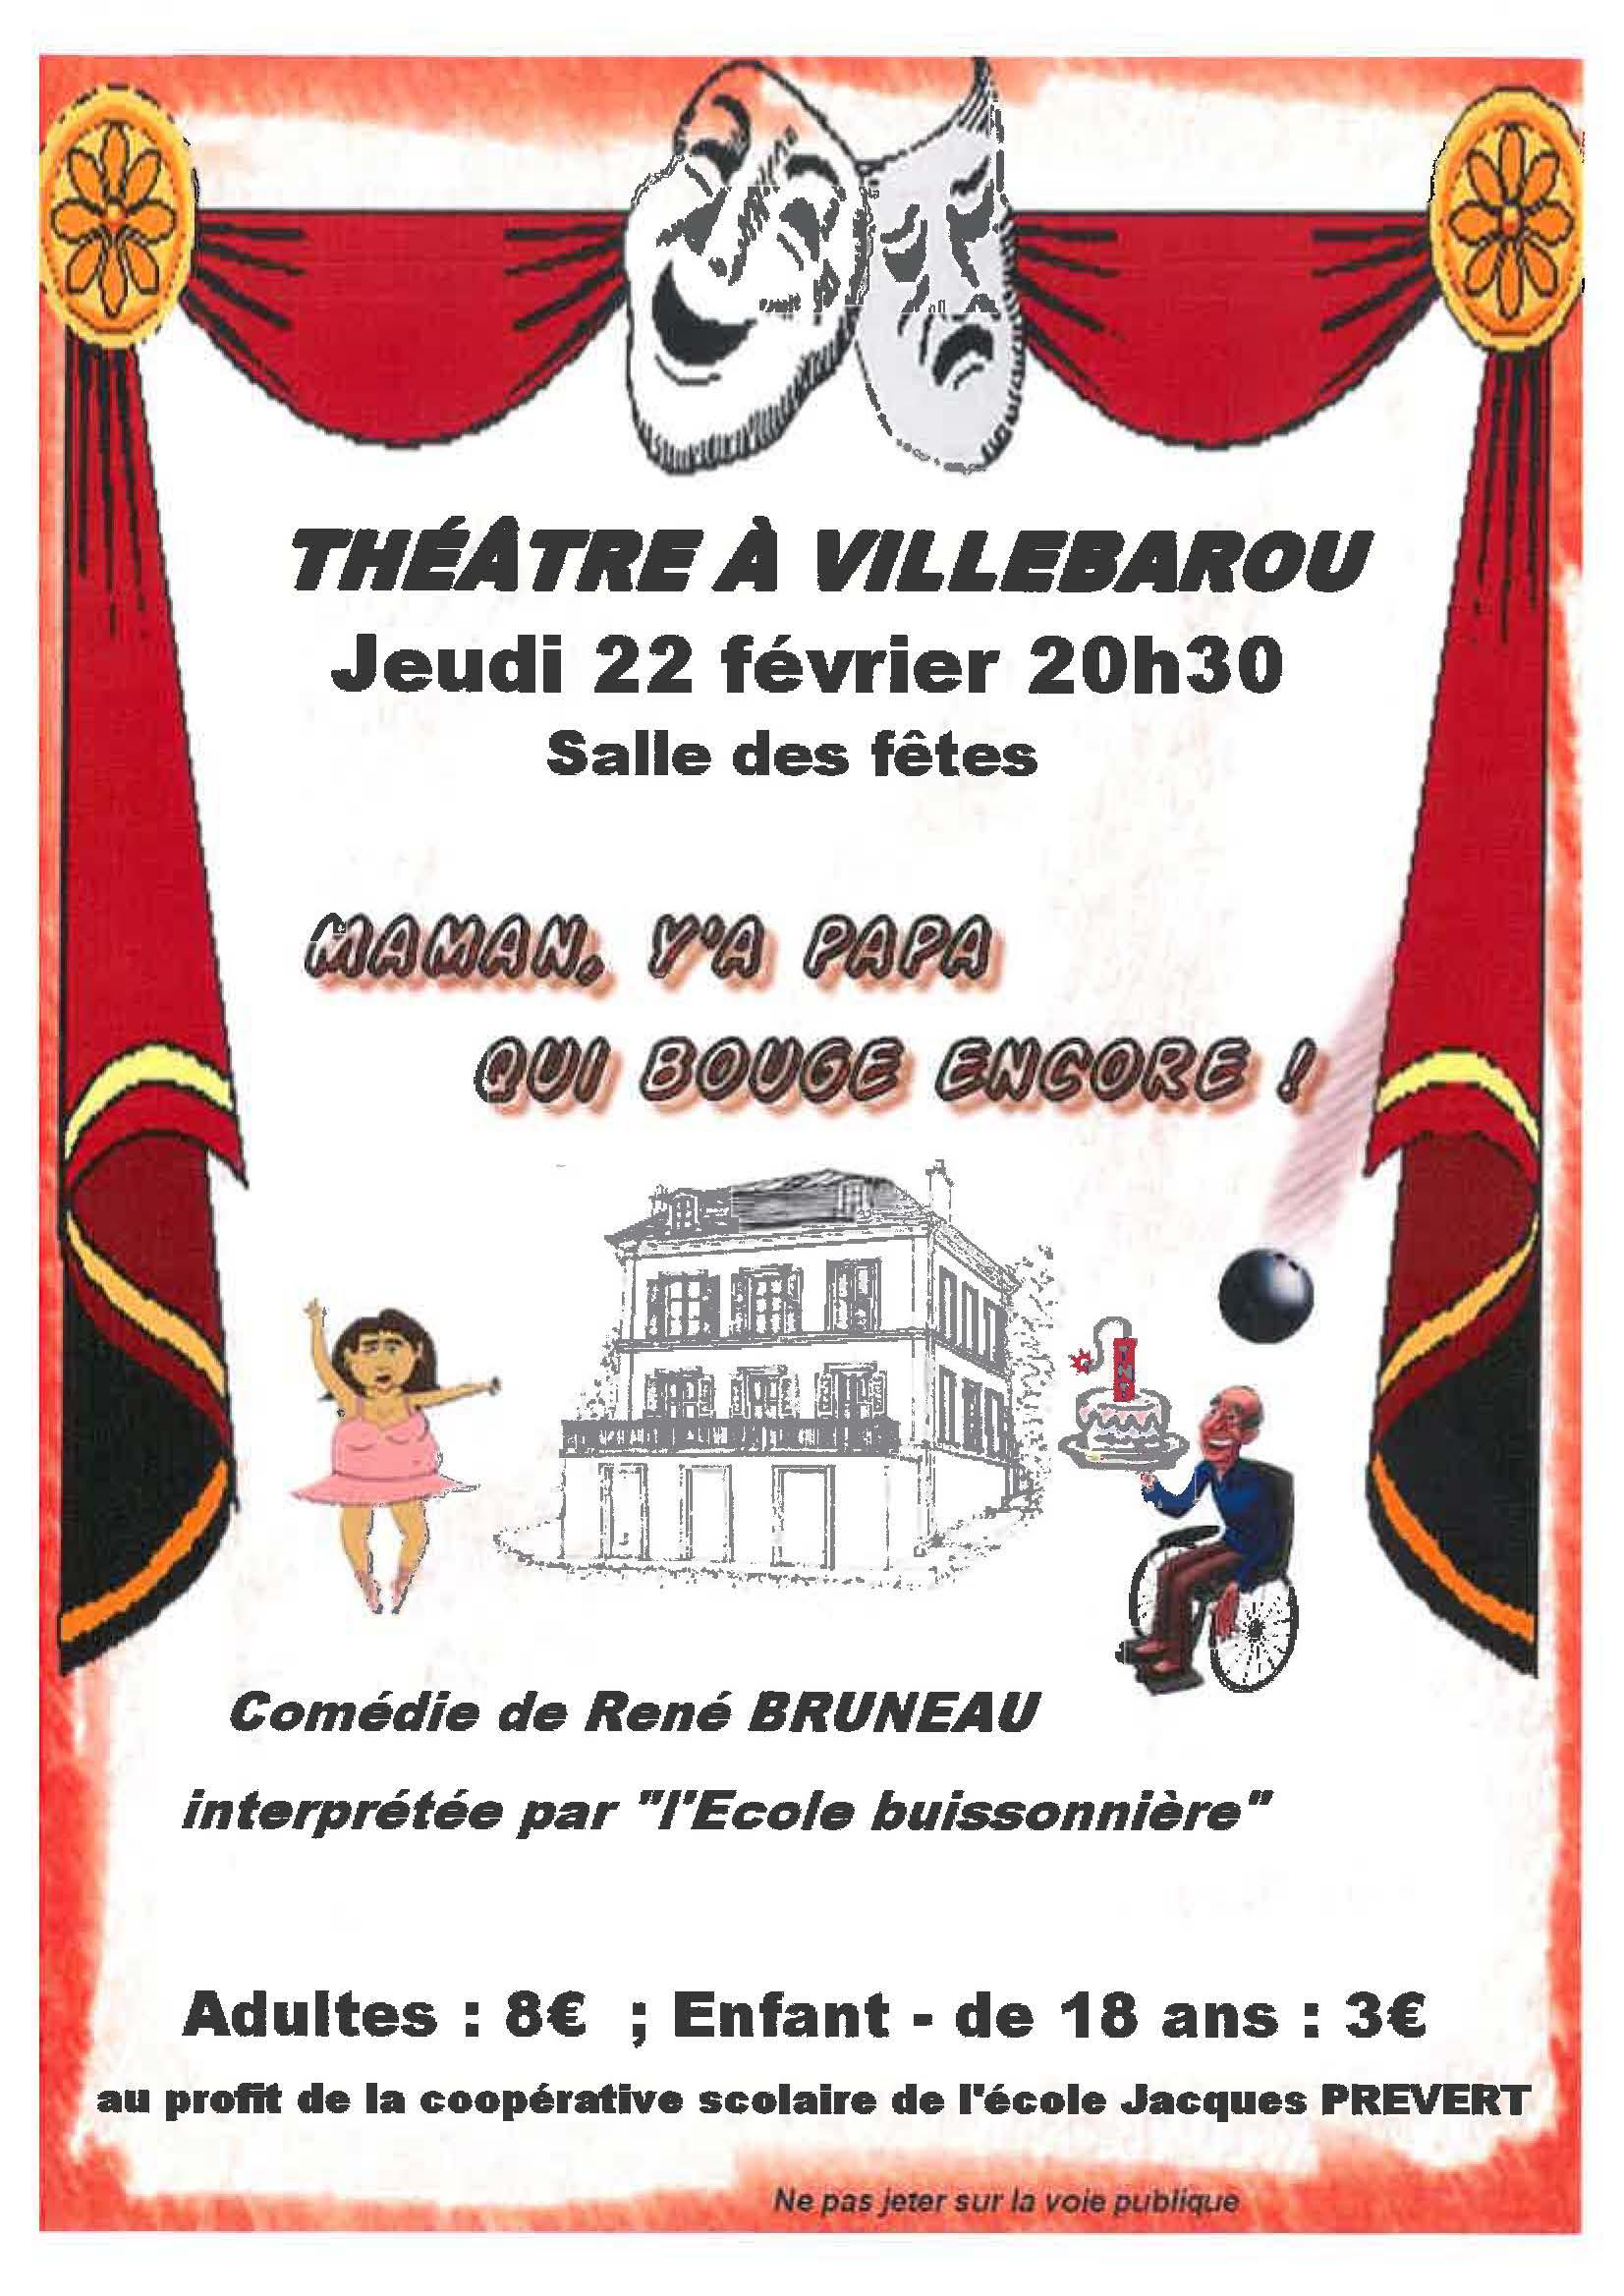 Théatre à Villebarou